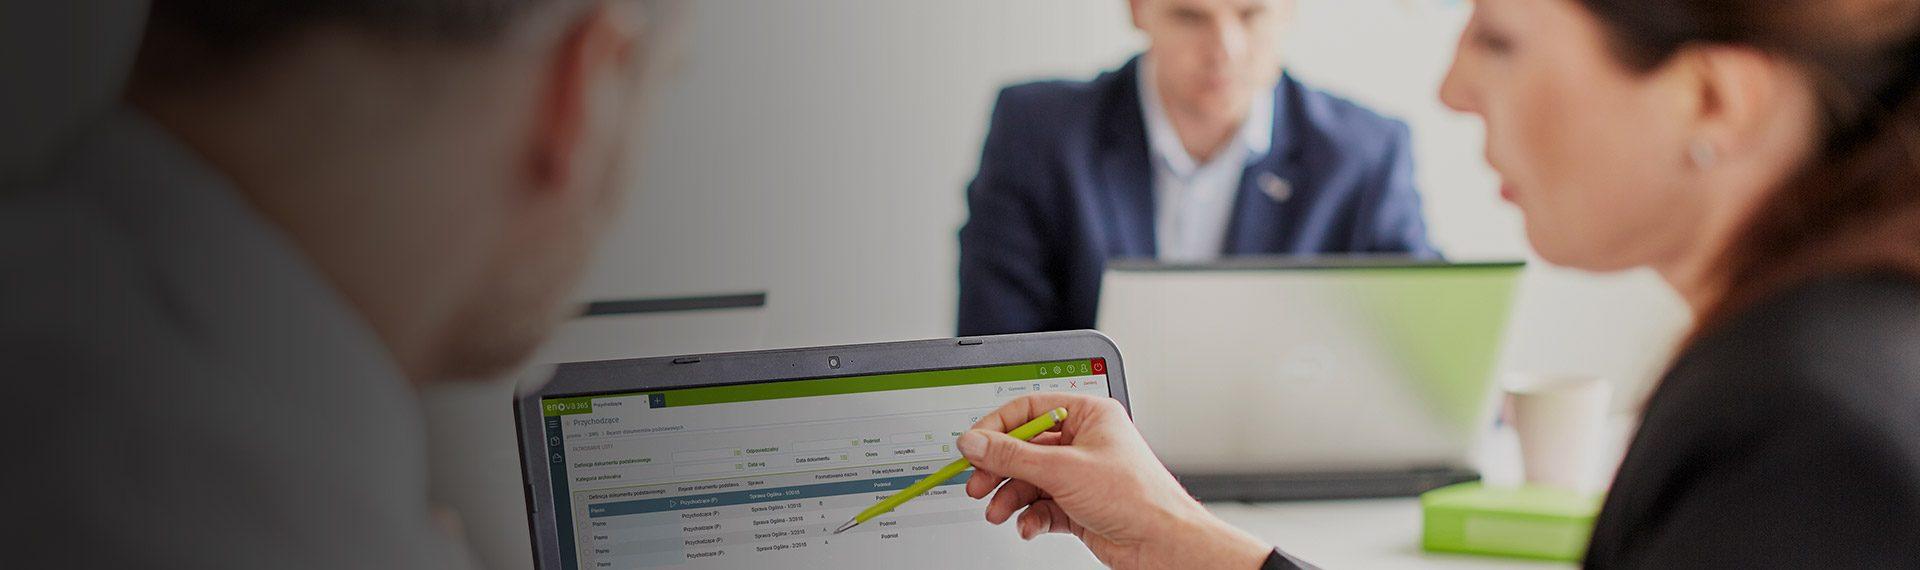 System ERP enova365 usprawnia procesy biznesowe